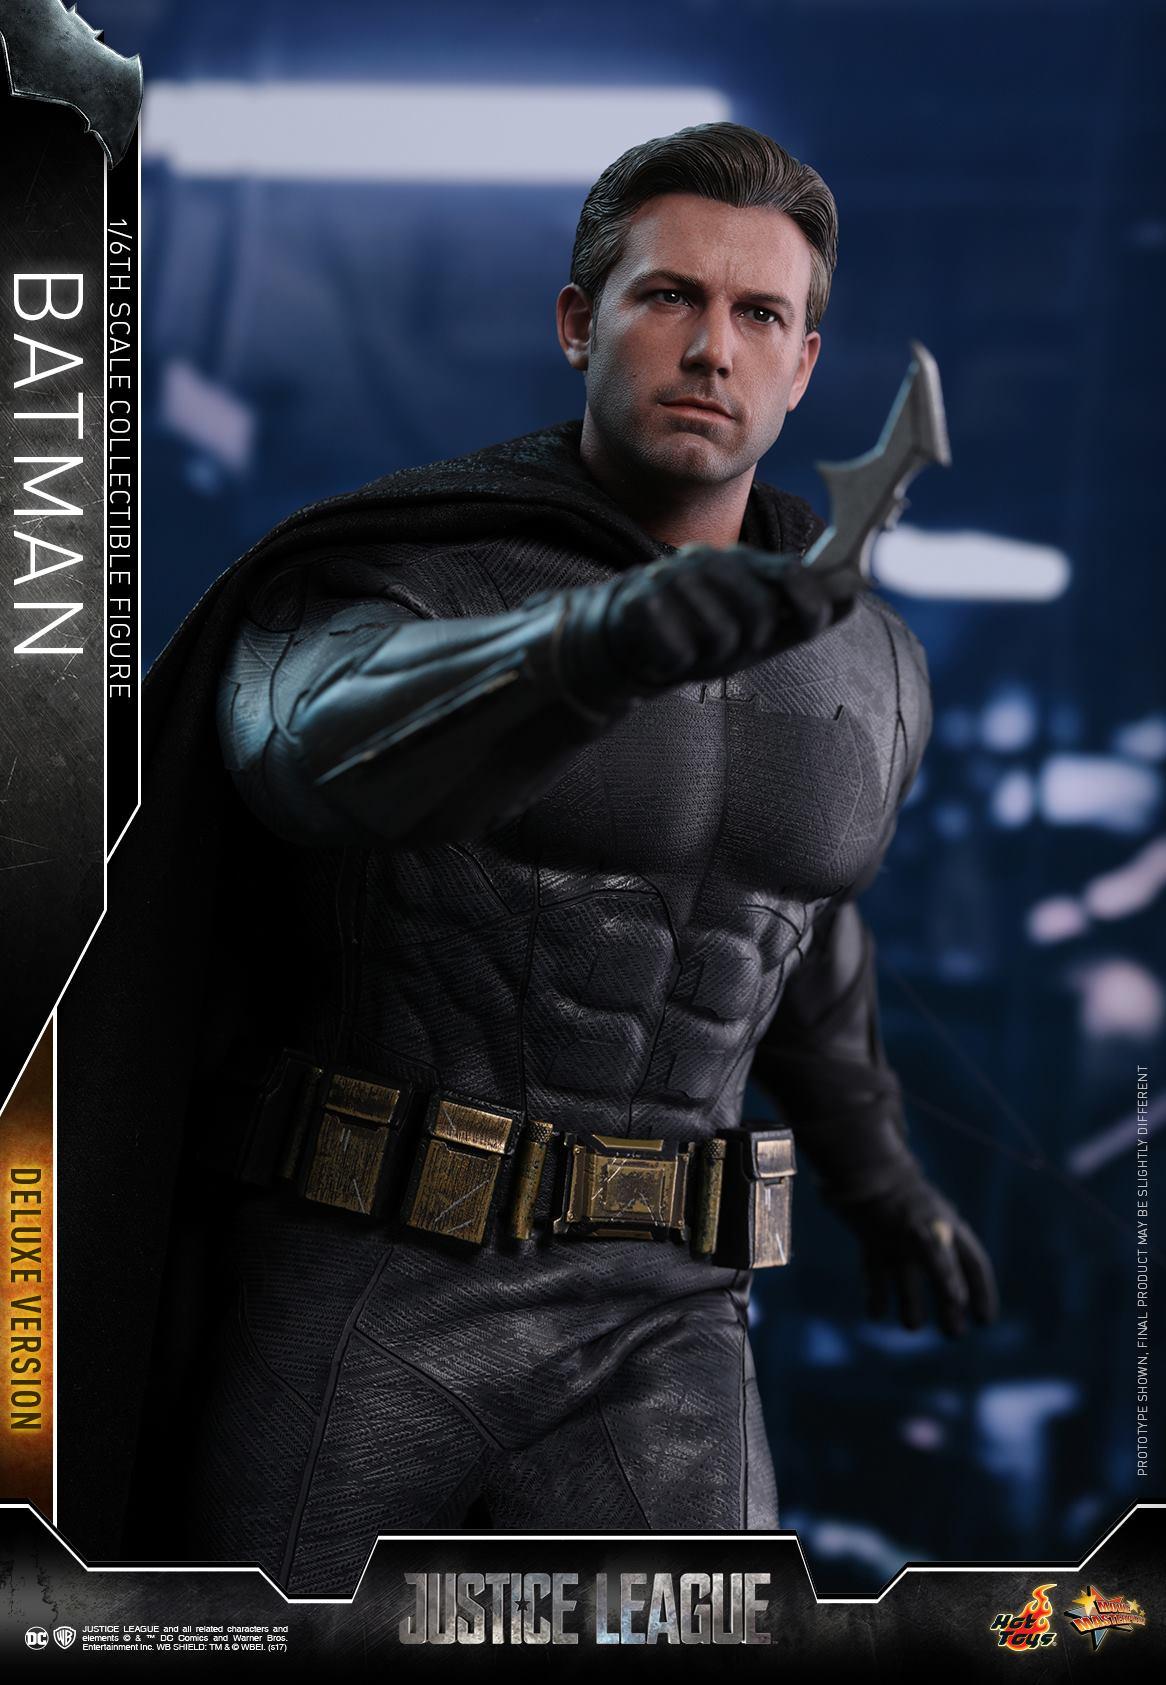 Hot-Toys-Deluxe-Batman-Justice-League-007